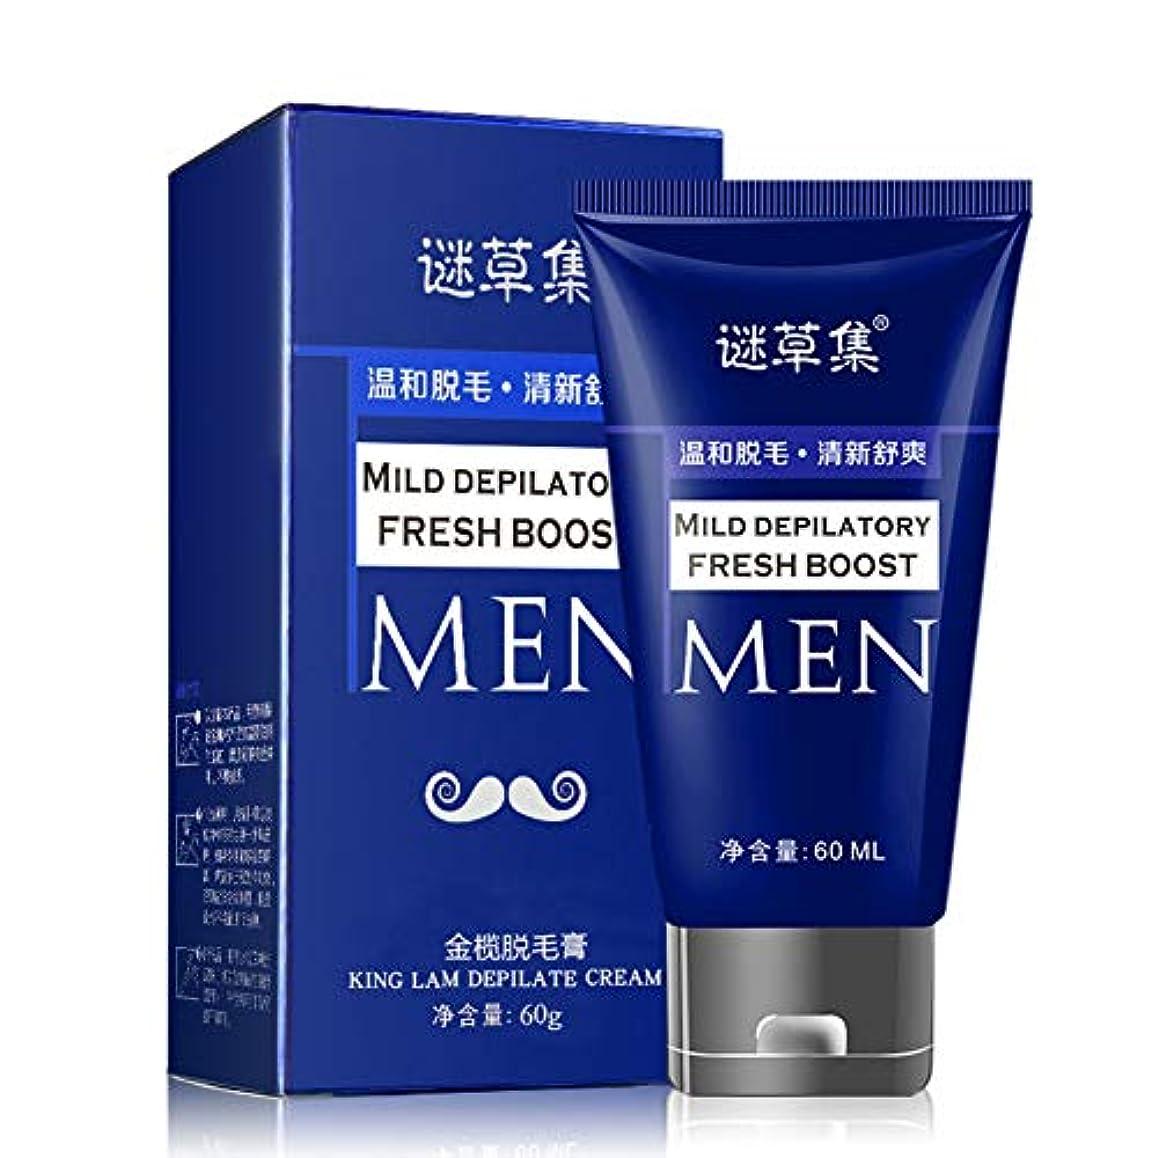 テレマコスキータフRabugoo 60ML脱毛クリーム脱毛腕のアームの脚の毛の痛みは、男性の美容スパのために削除